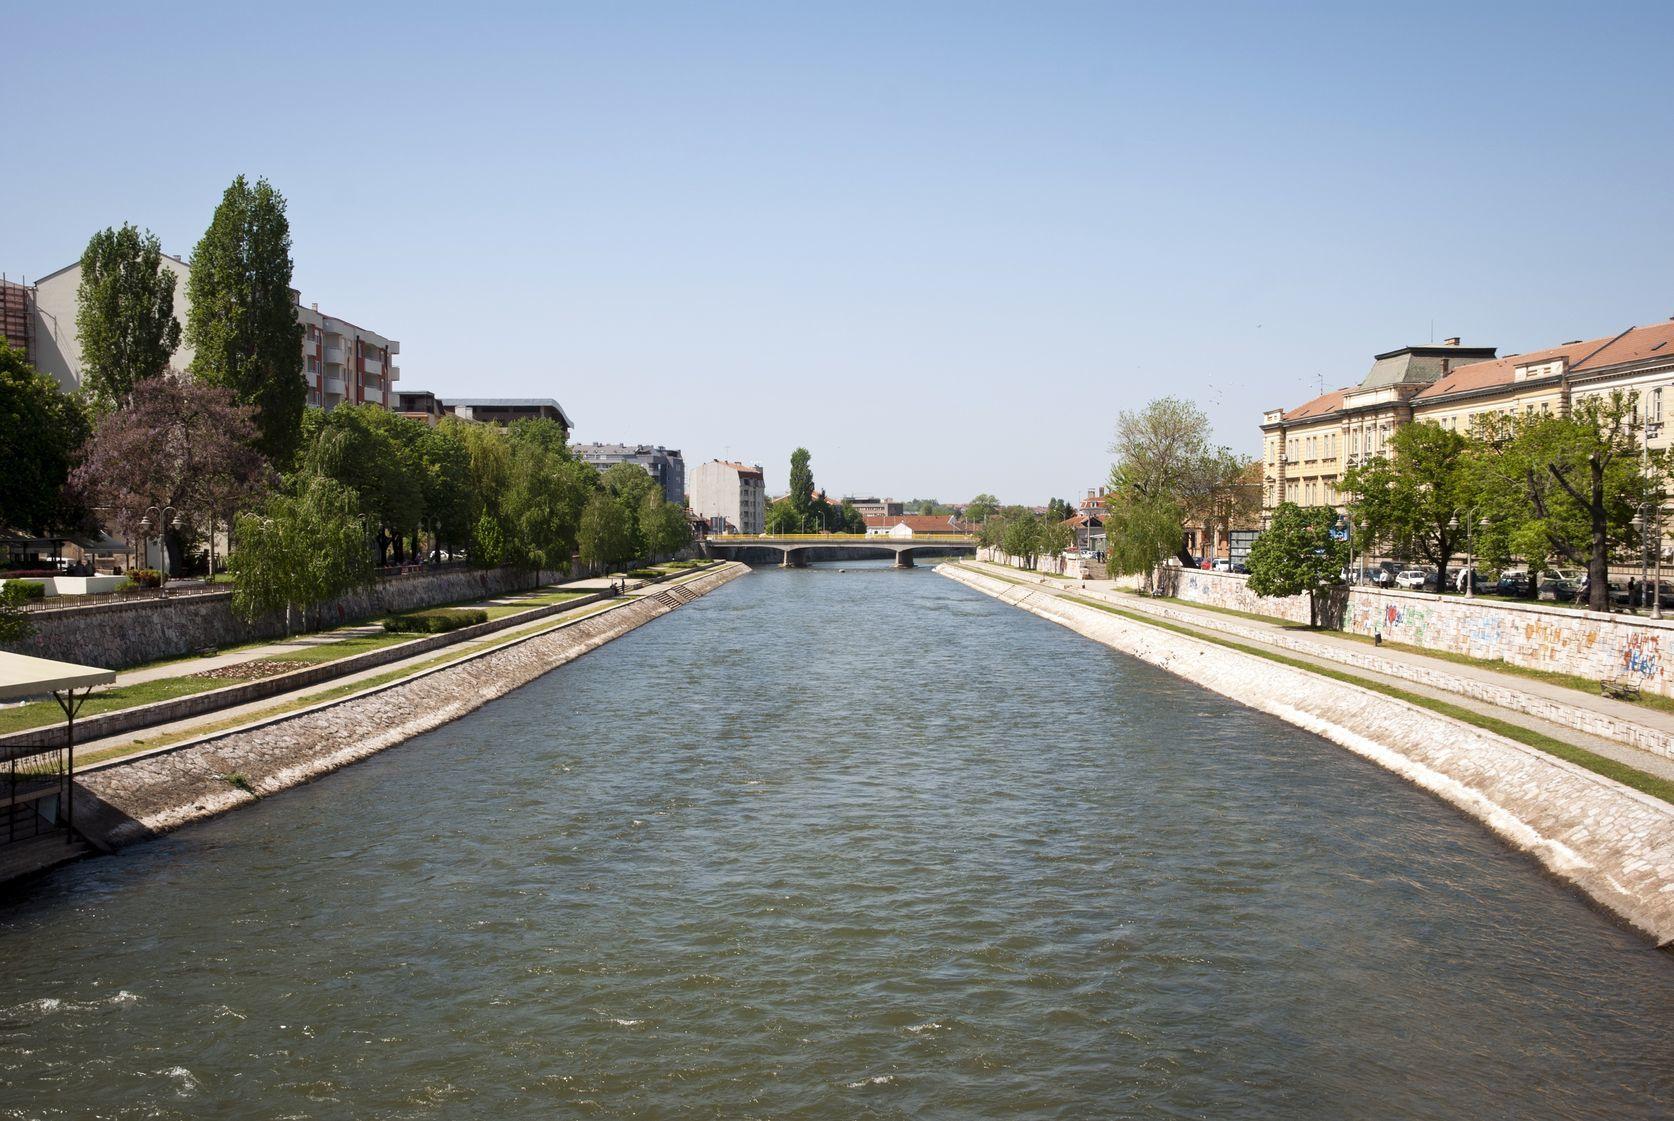 Řeka Nišava ve městě Niš | dinozzaver/123RF.com